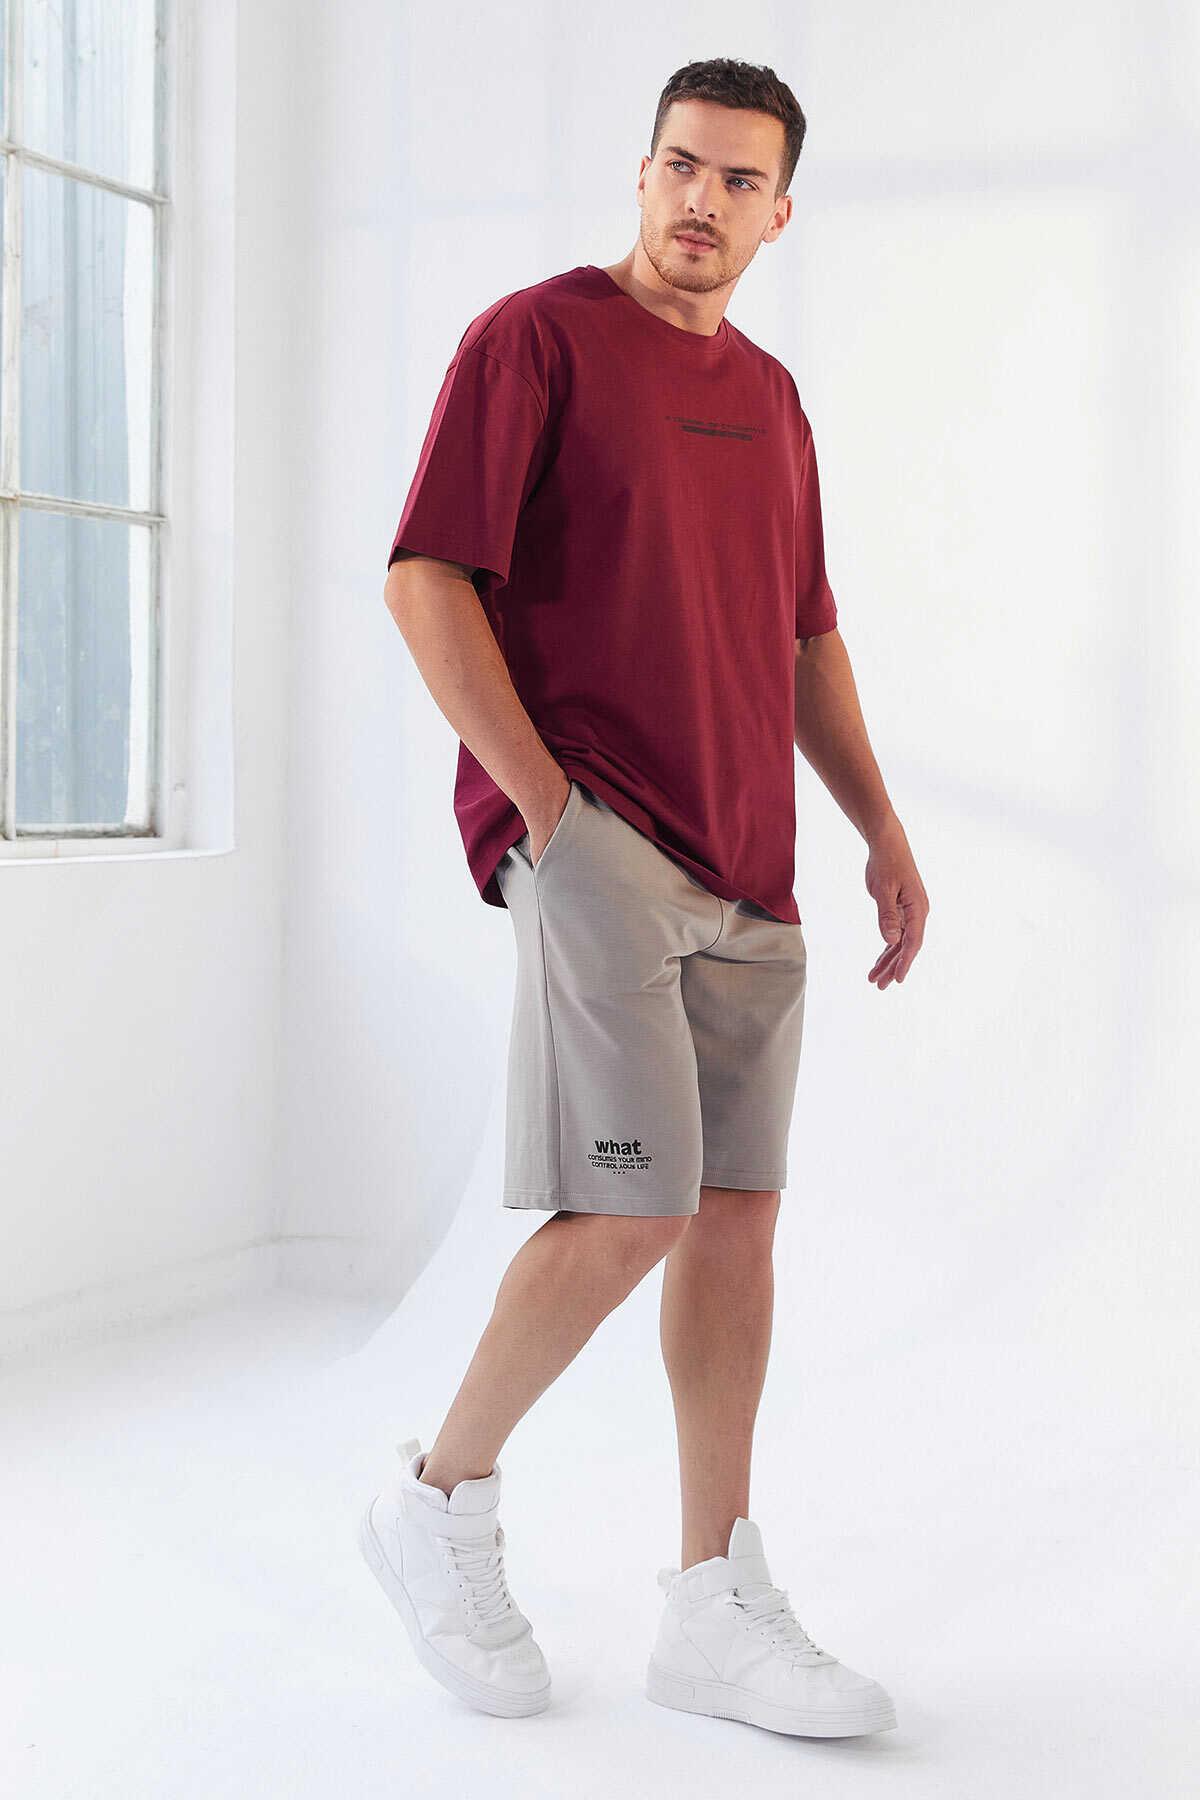 Tommy Life Toptan Erguvan Erkek Yazı Baskılı Oversize O Yaka T-Shirt - 87984